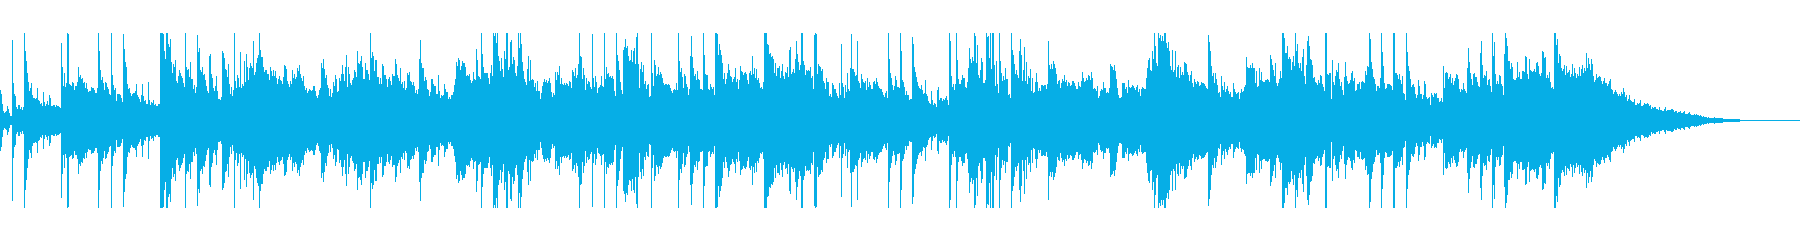 リラックス/深海/睡眠/ヒーリング/夢の再生済みの波形